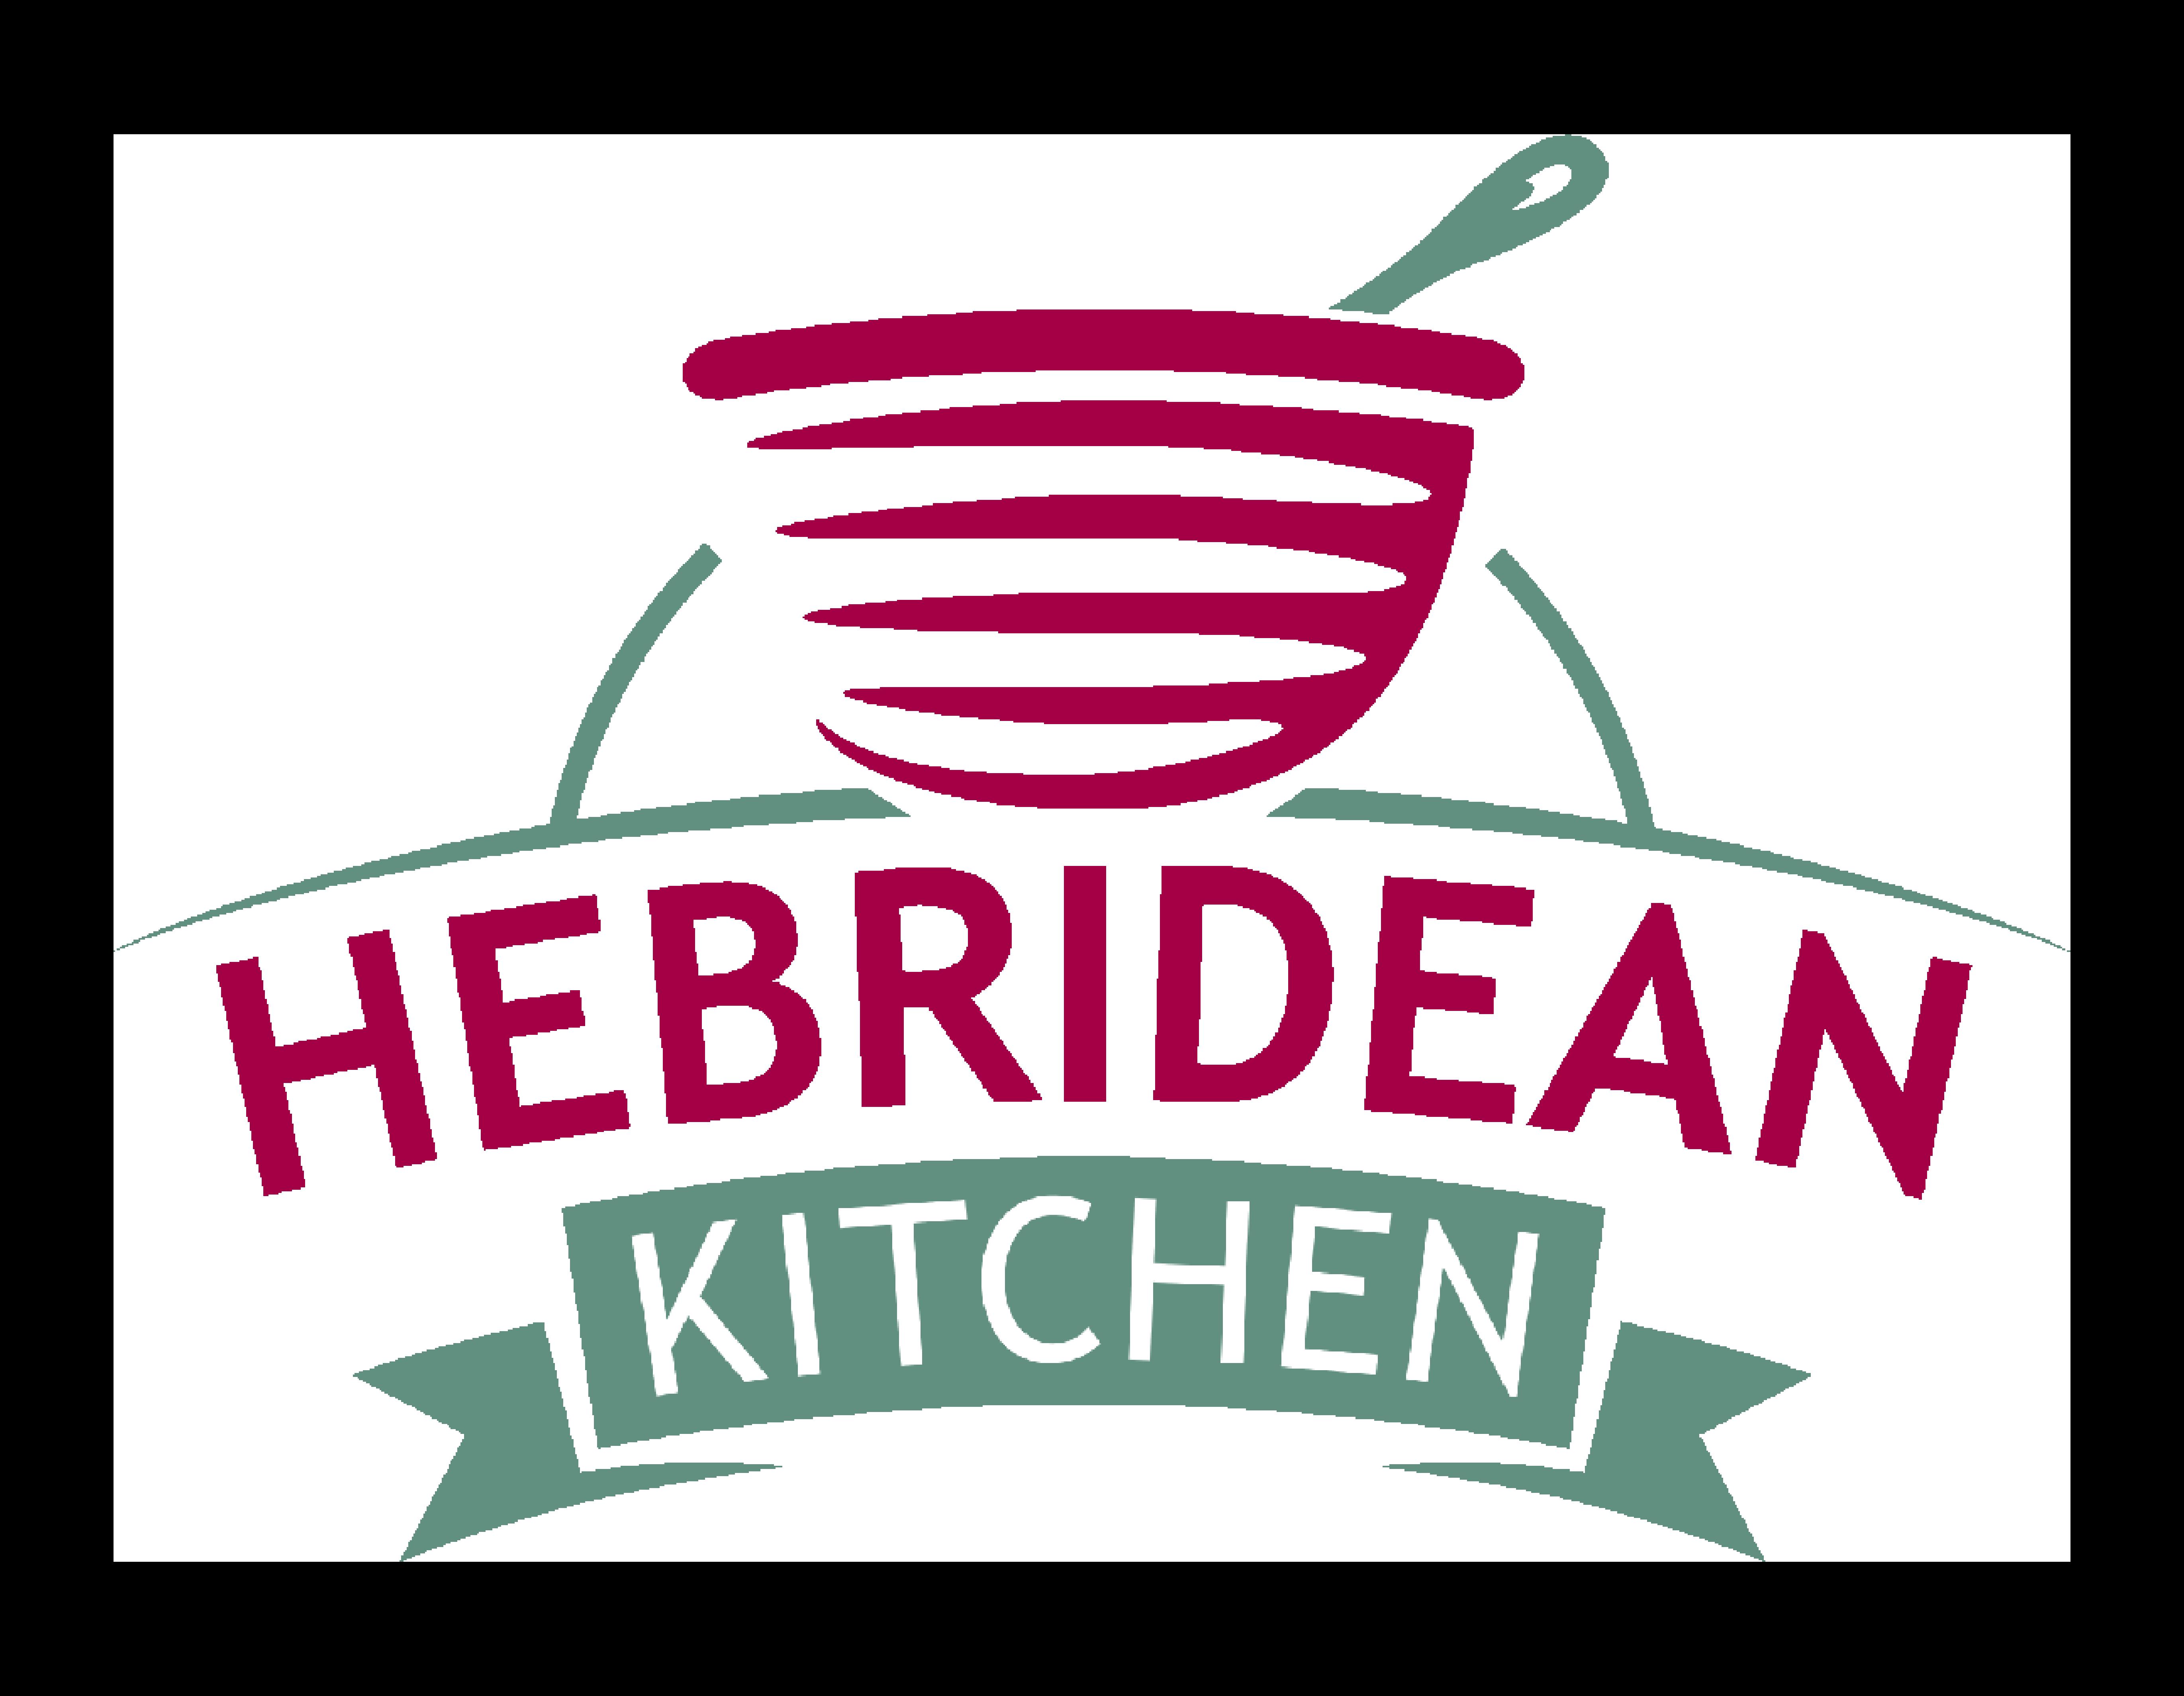 Hebridean Kitchen